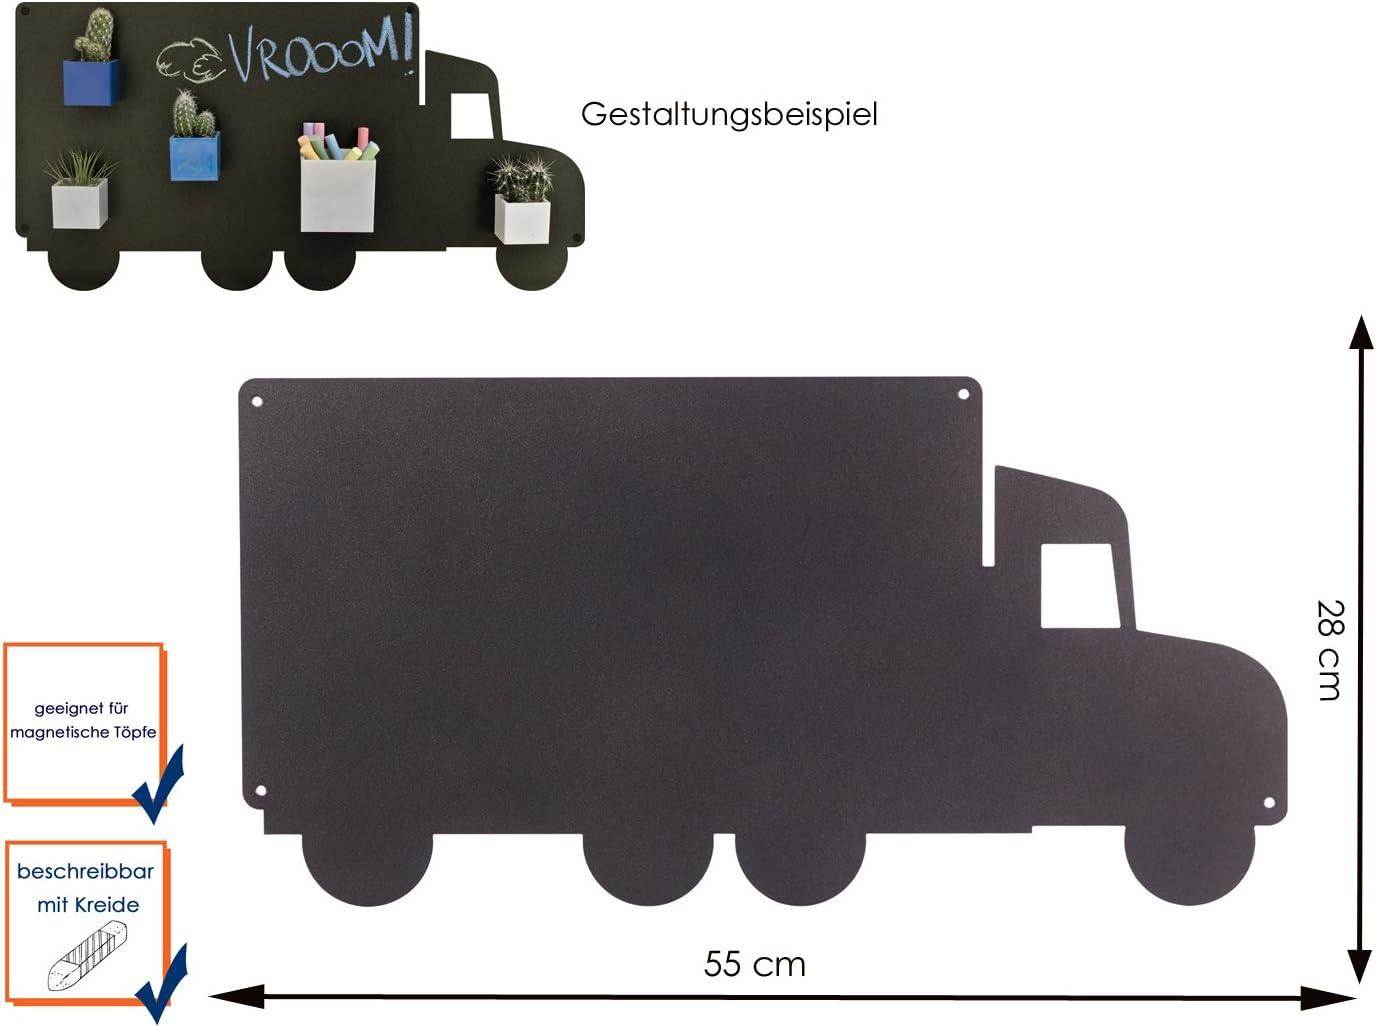 /401 KalaMitica 25028/ antracite PIASTRA METALLICA camion scrivibile per magnetico Vasi come decorazione da parete o da parete /102/